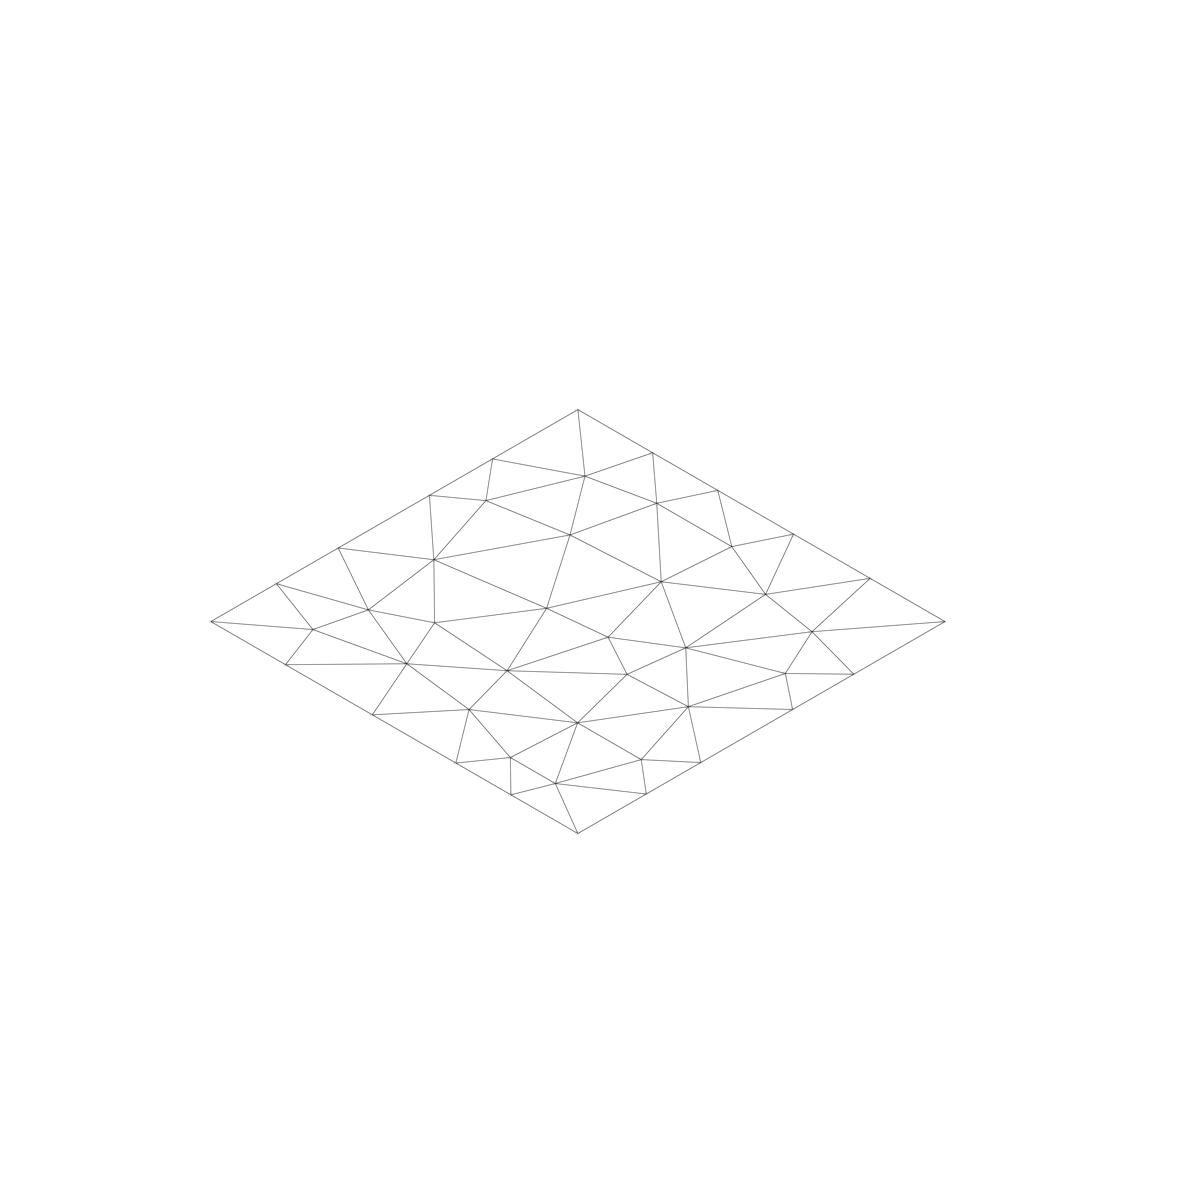 broken-vault-2.jpg